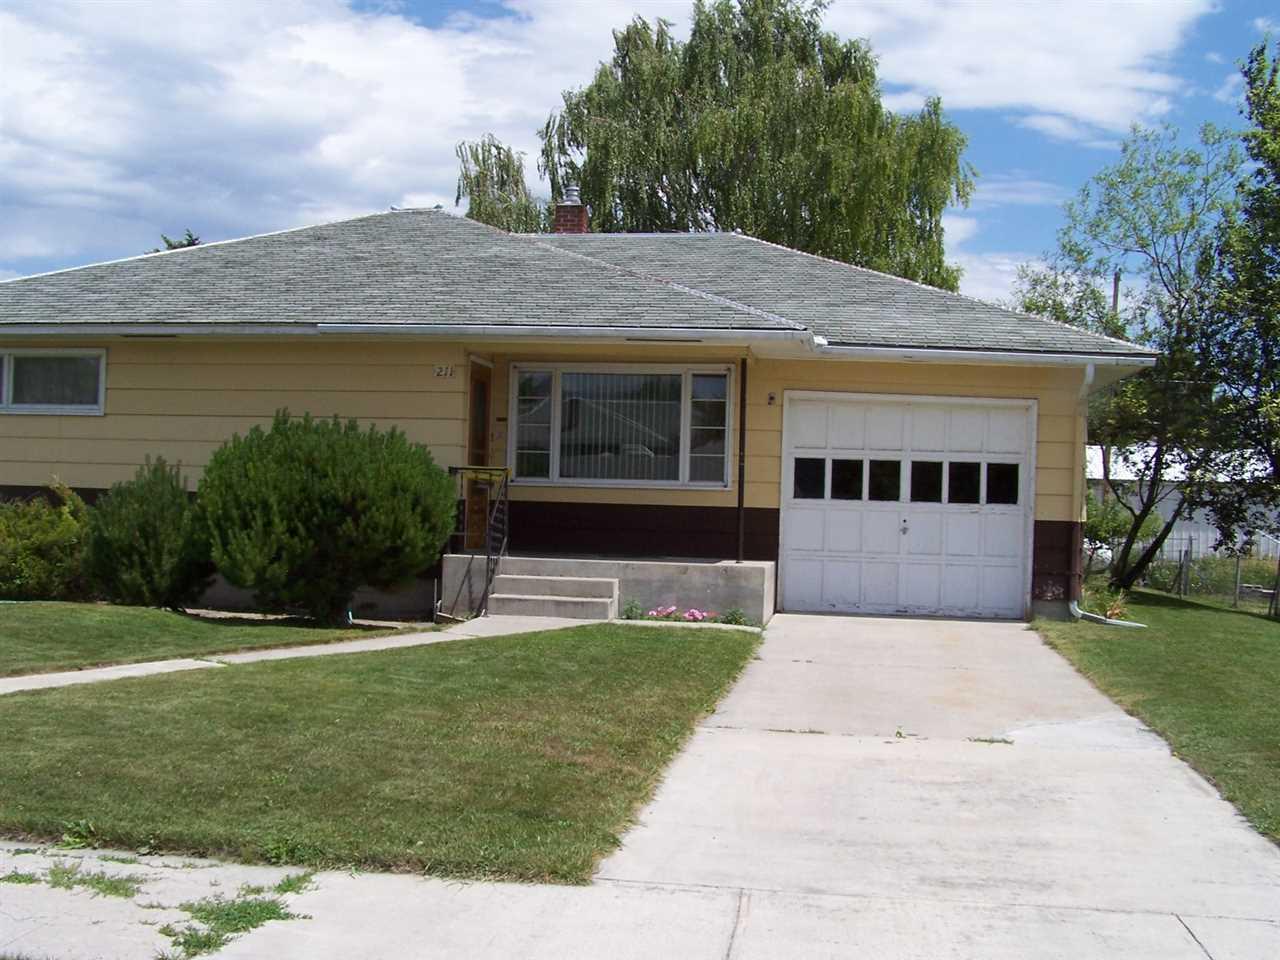 211 S Oak St, Townsend, MT 59644